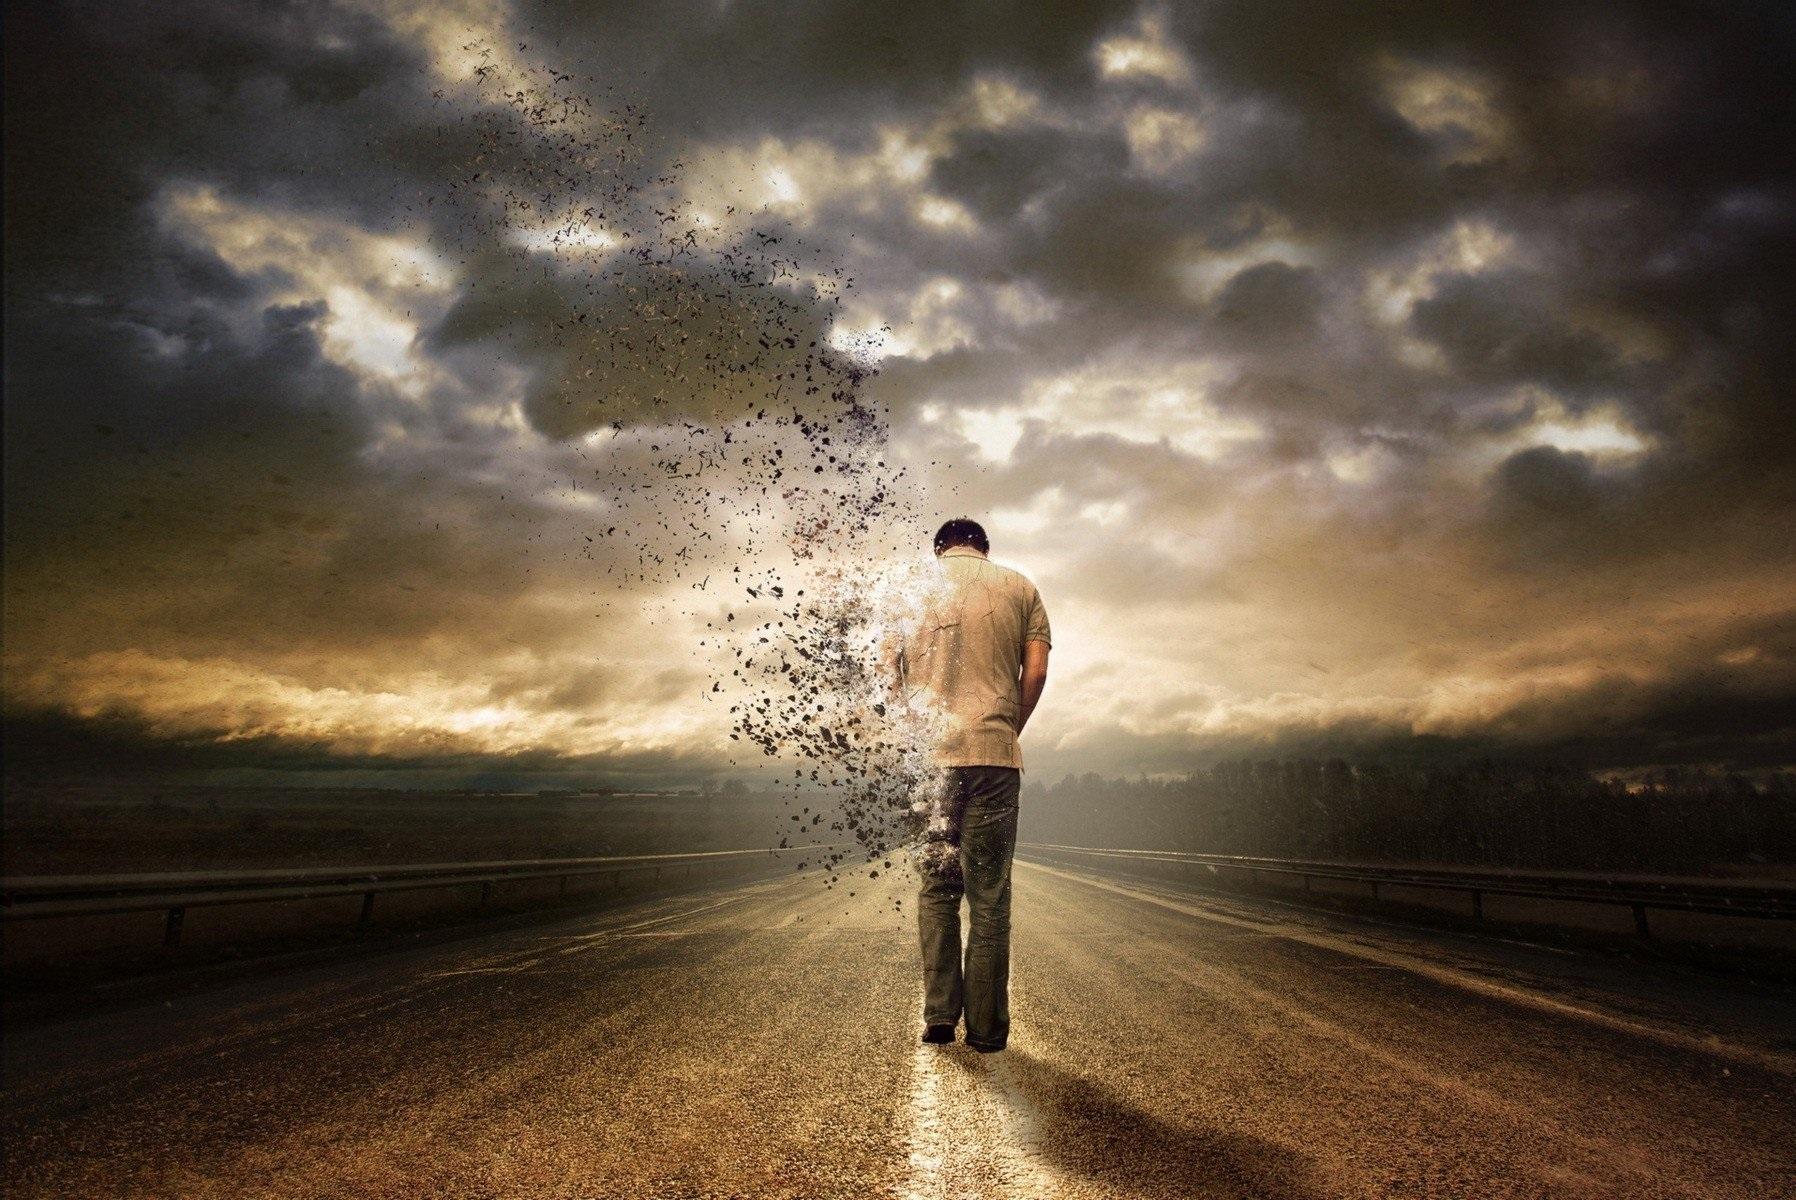 картинка с прощанием жизни куст массивными